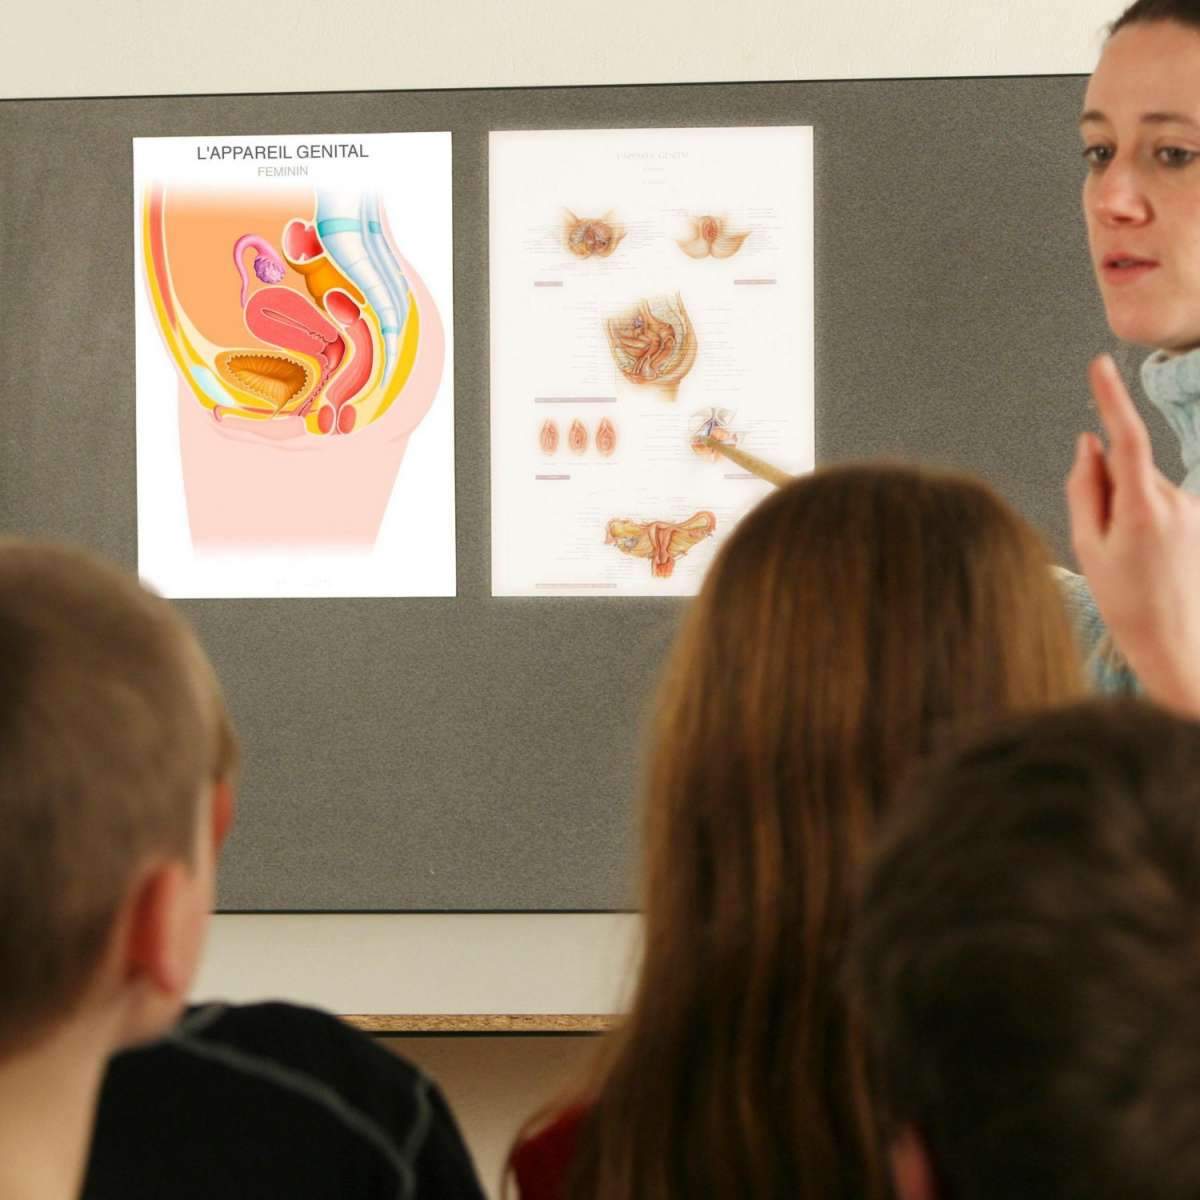 Сексуальное образование в школах России – проект мирового движения педофилов